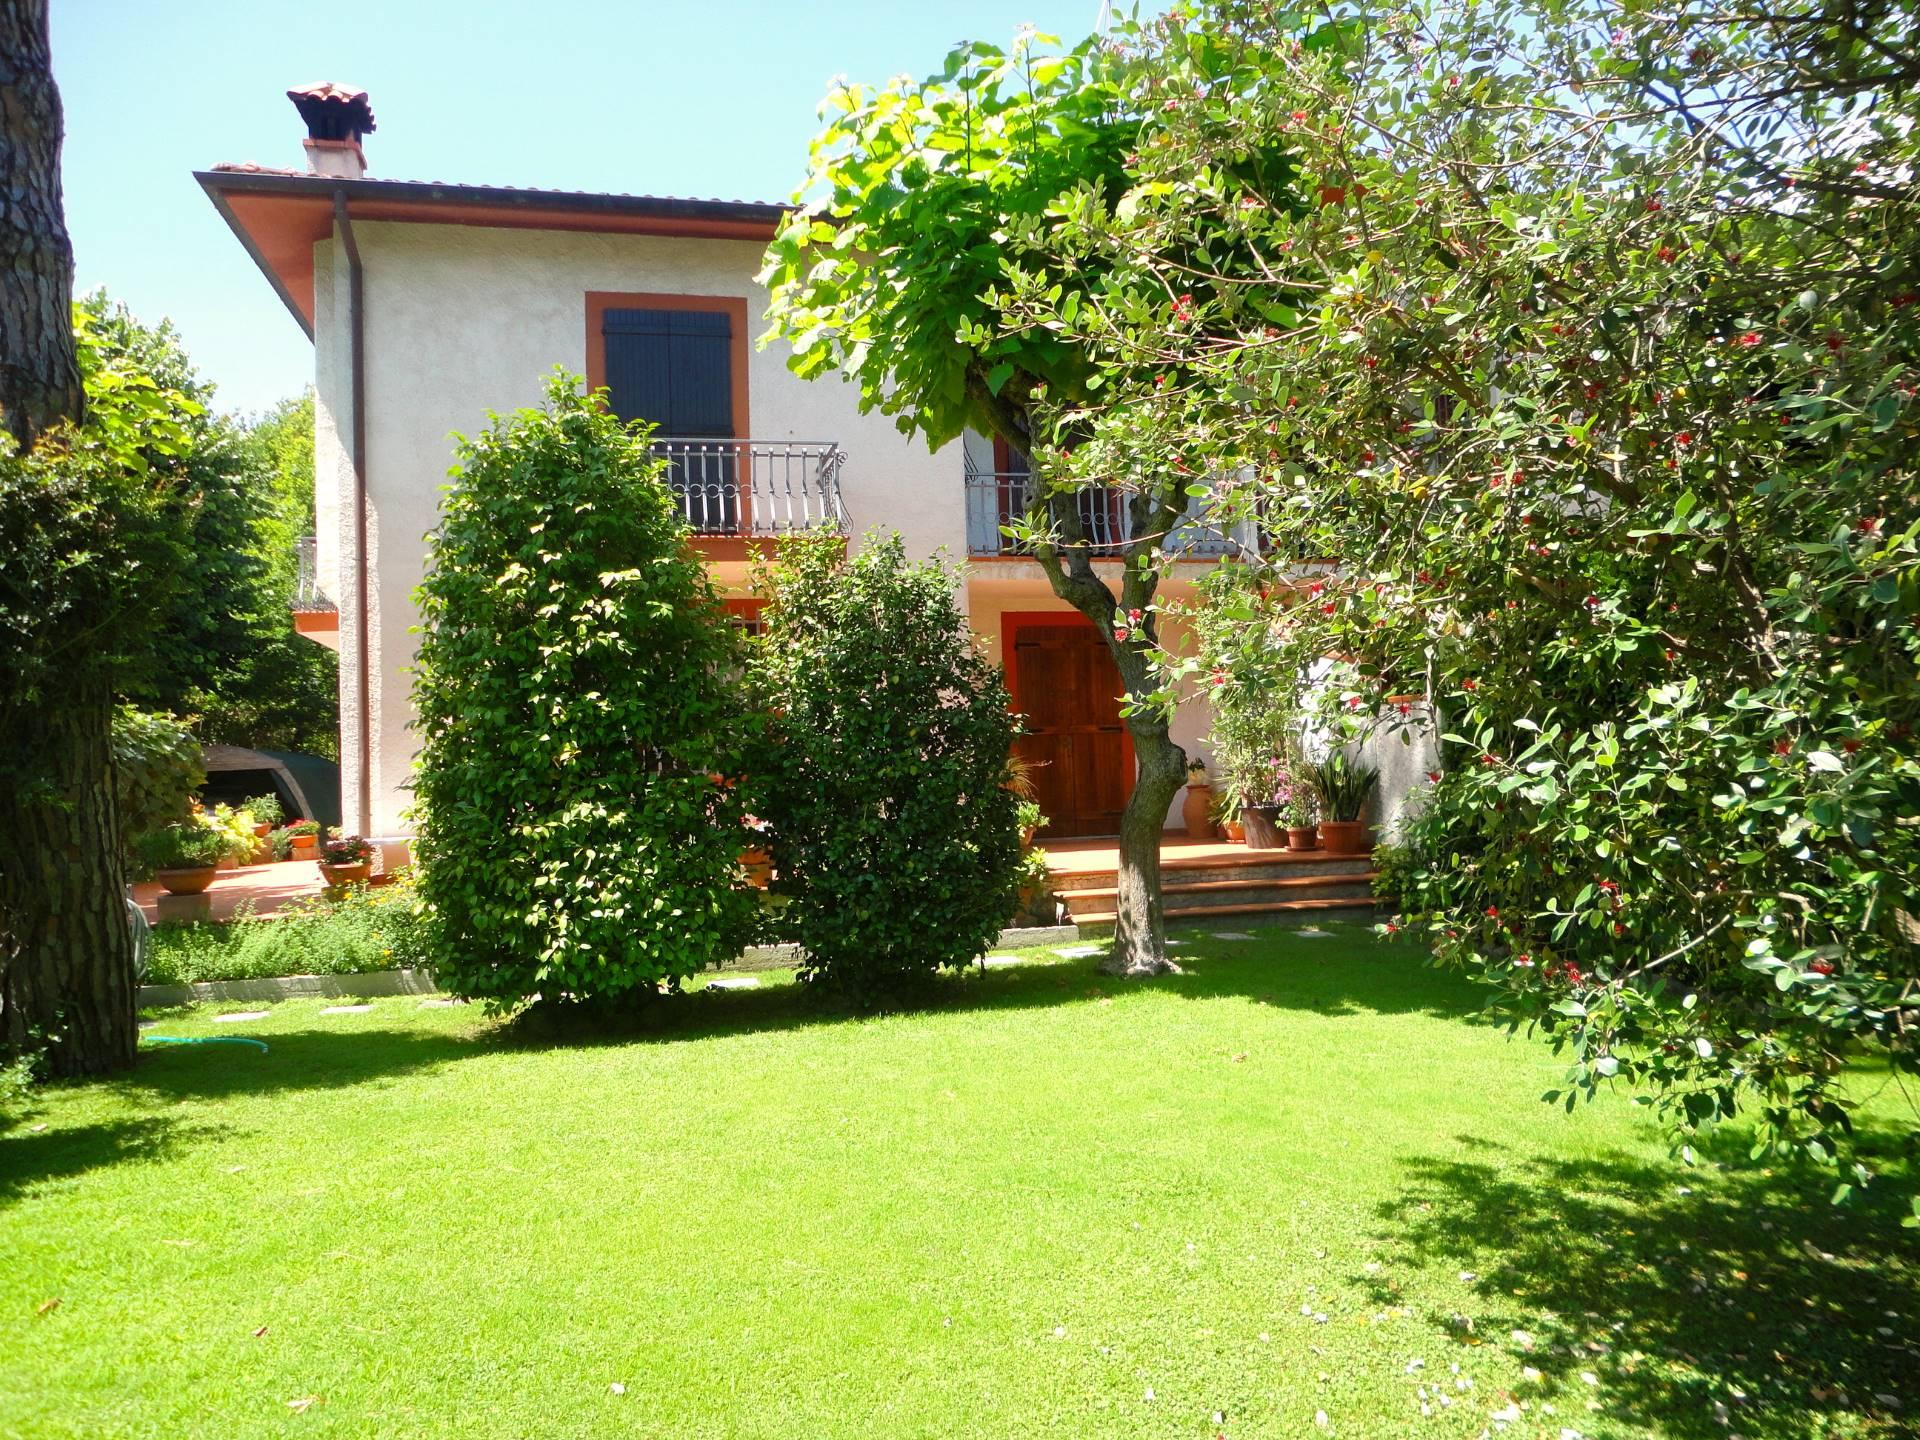 affitto villa bifamiliare forte dei marmi centro  5 locali  140 mq